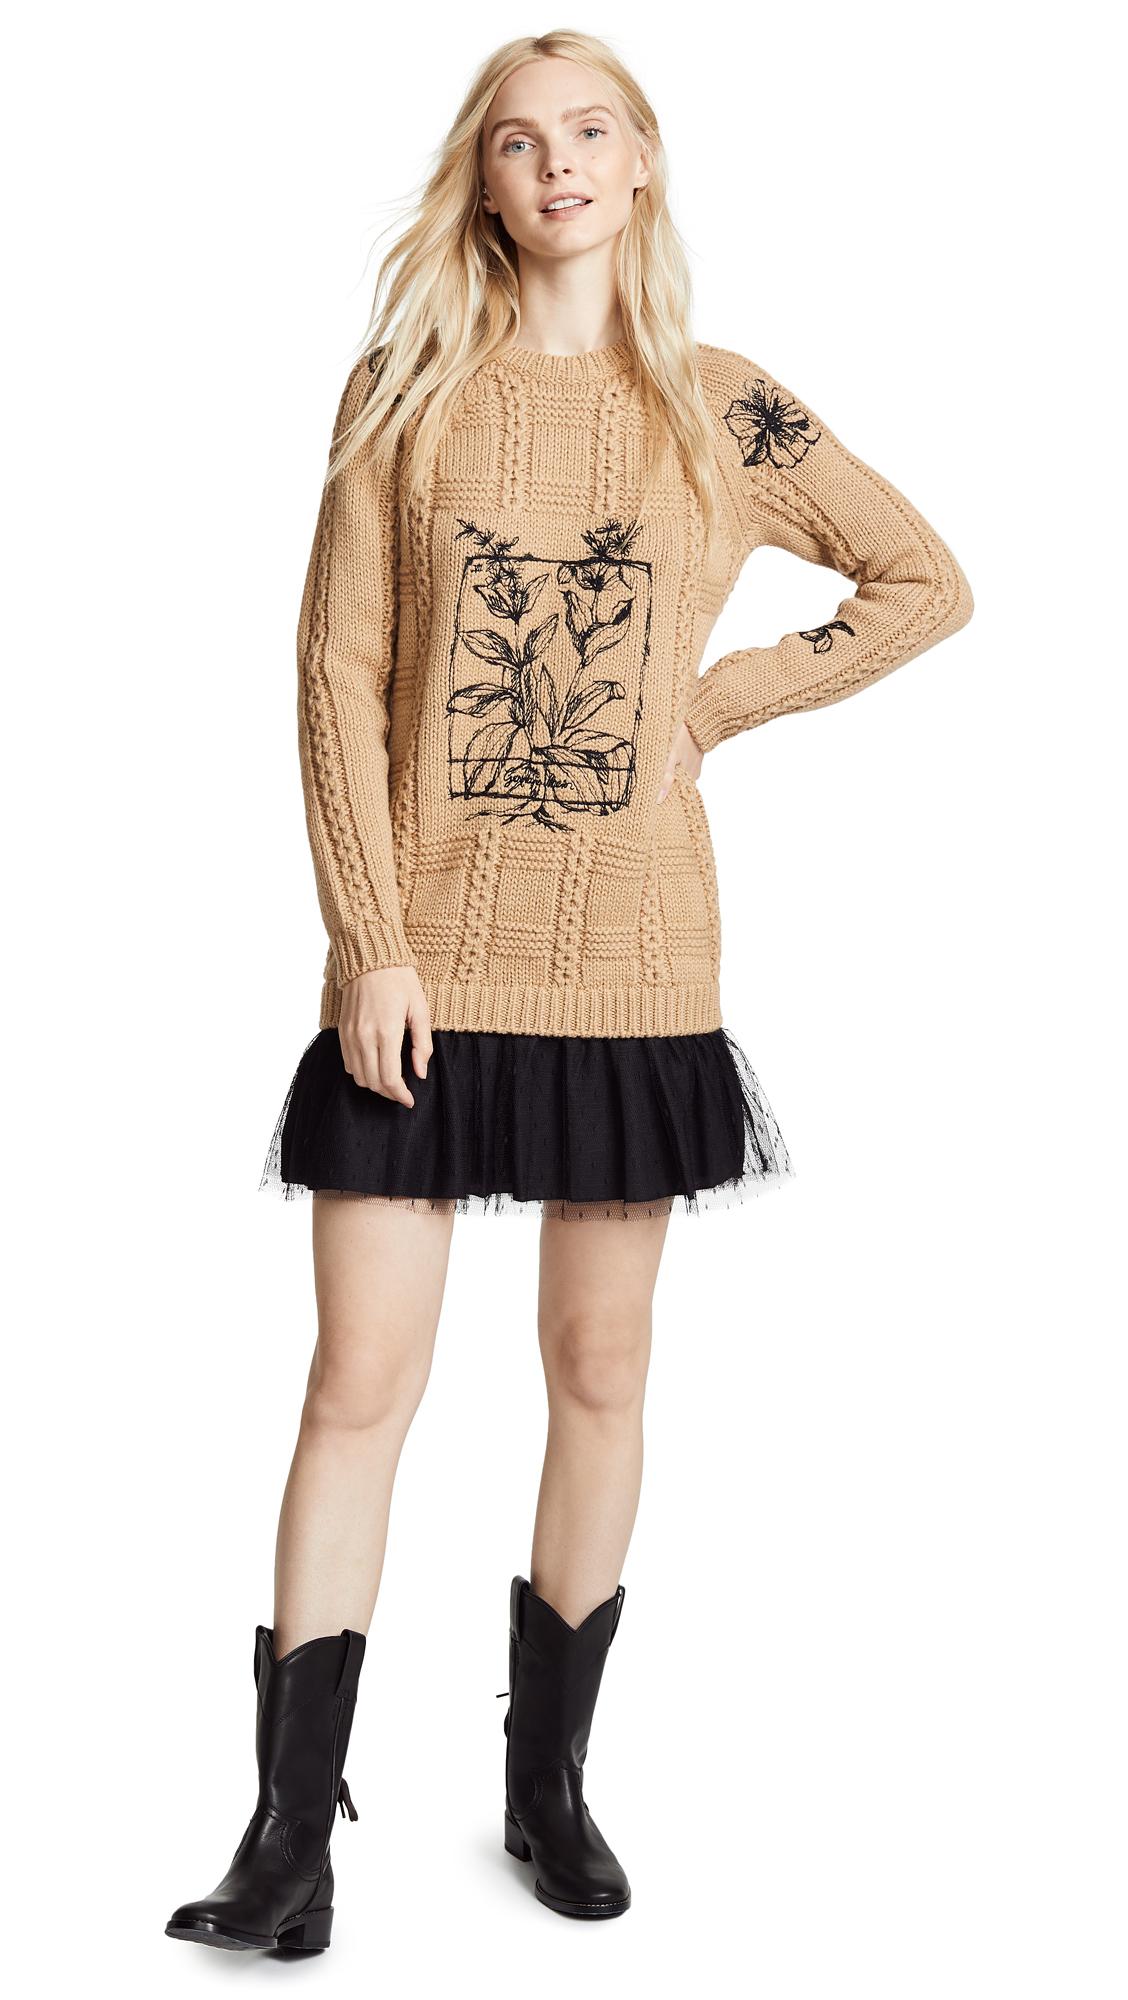 RED Valentino Printed Tunic Sweater Dress In Camello & Nero